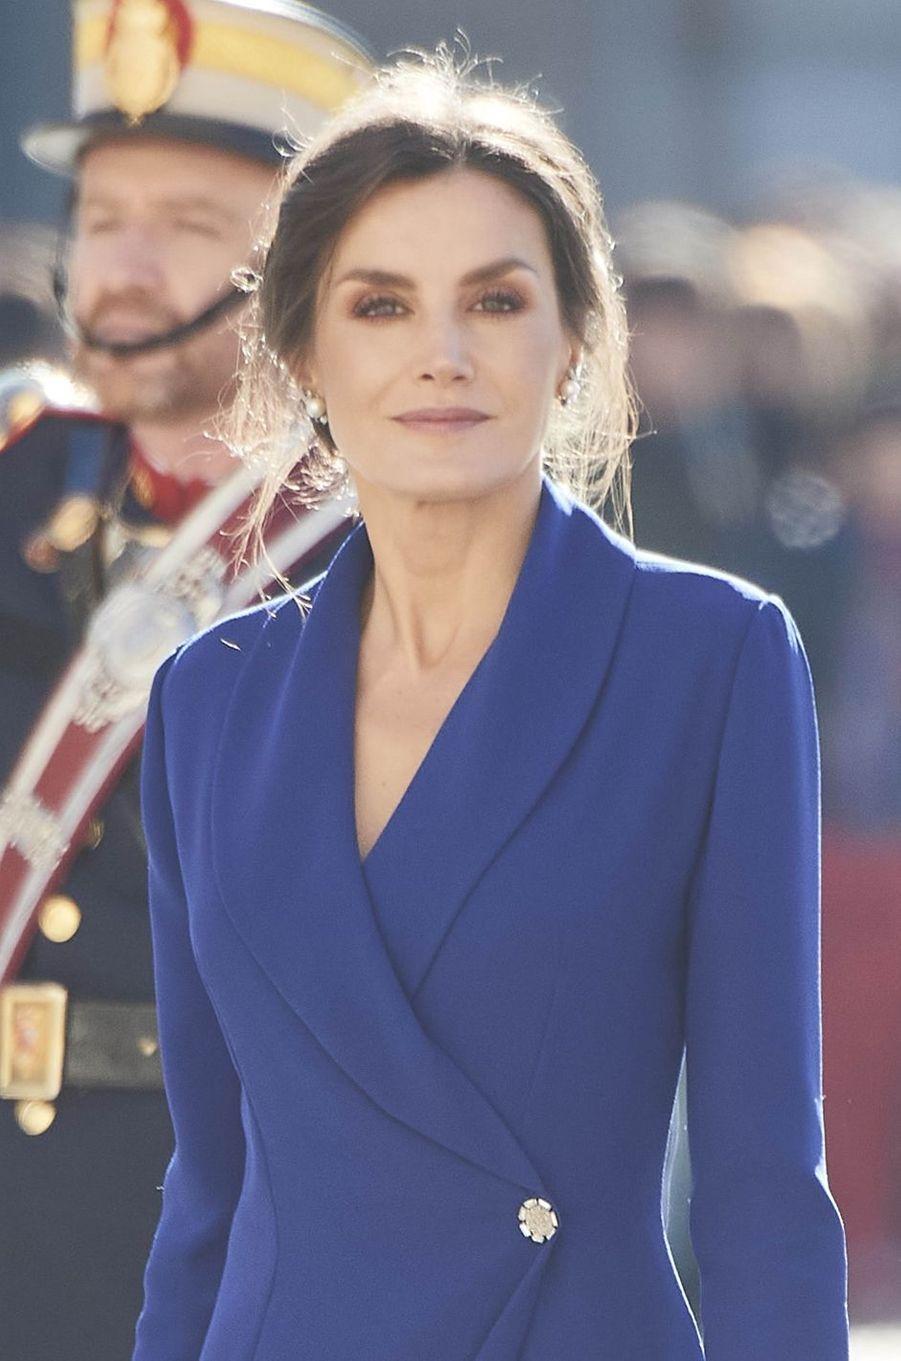 La reine Letizia d'Espagne à la Pascua Militar, le 6 janvier 2020